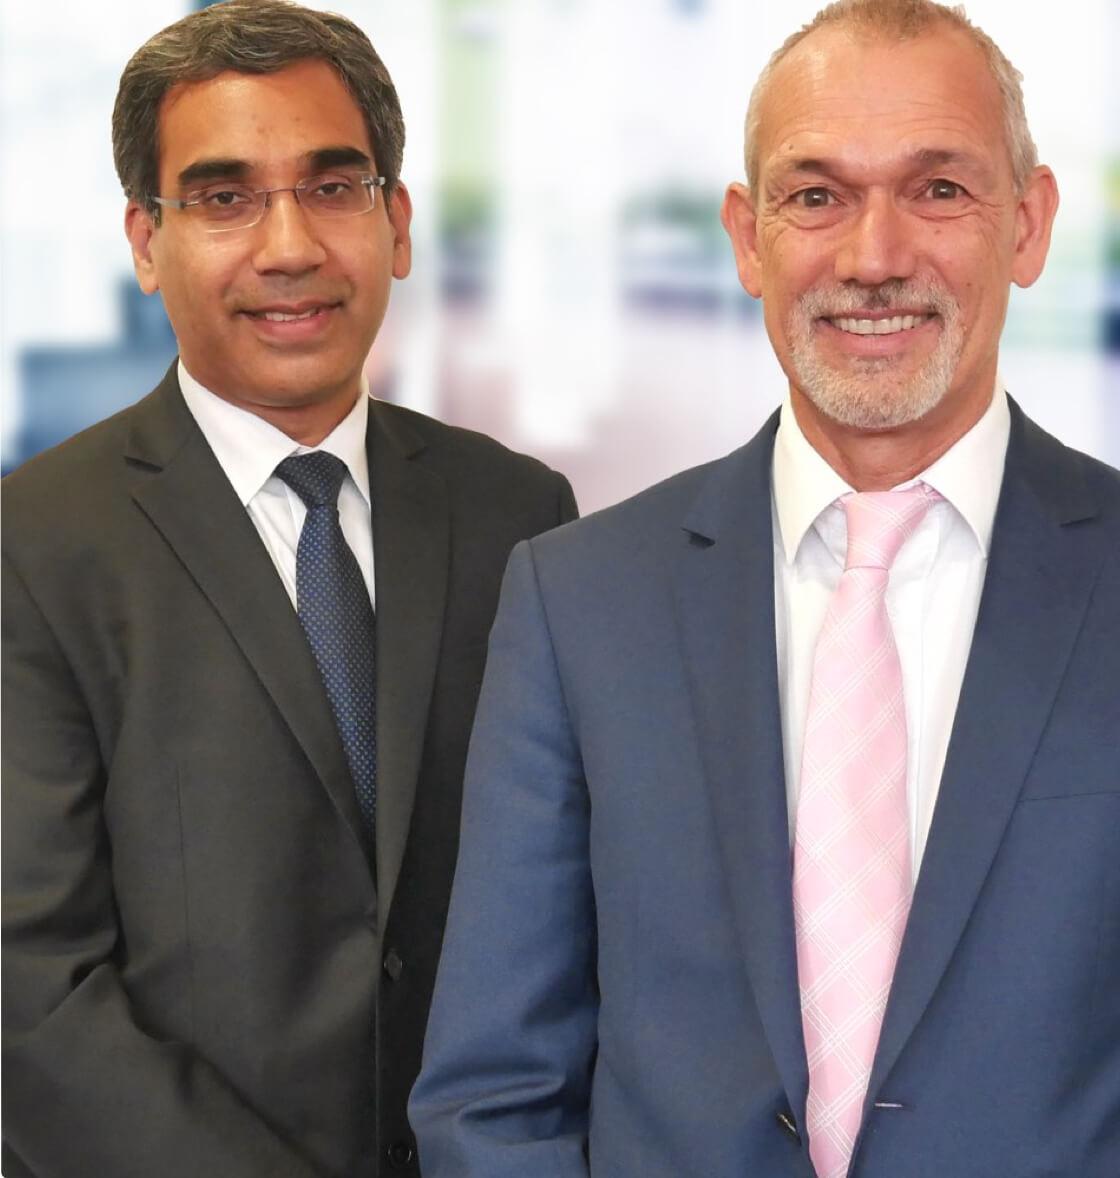 WA Paediatric Surgeons Naeem Samnakay & Andrew Barker